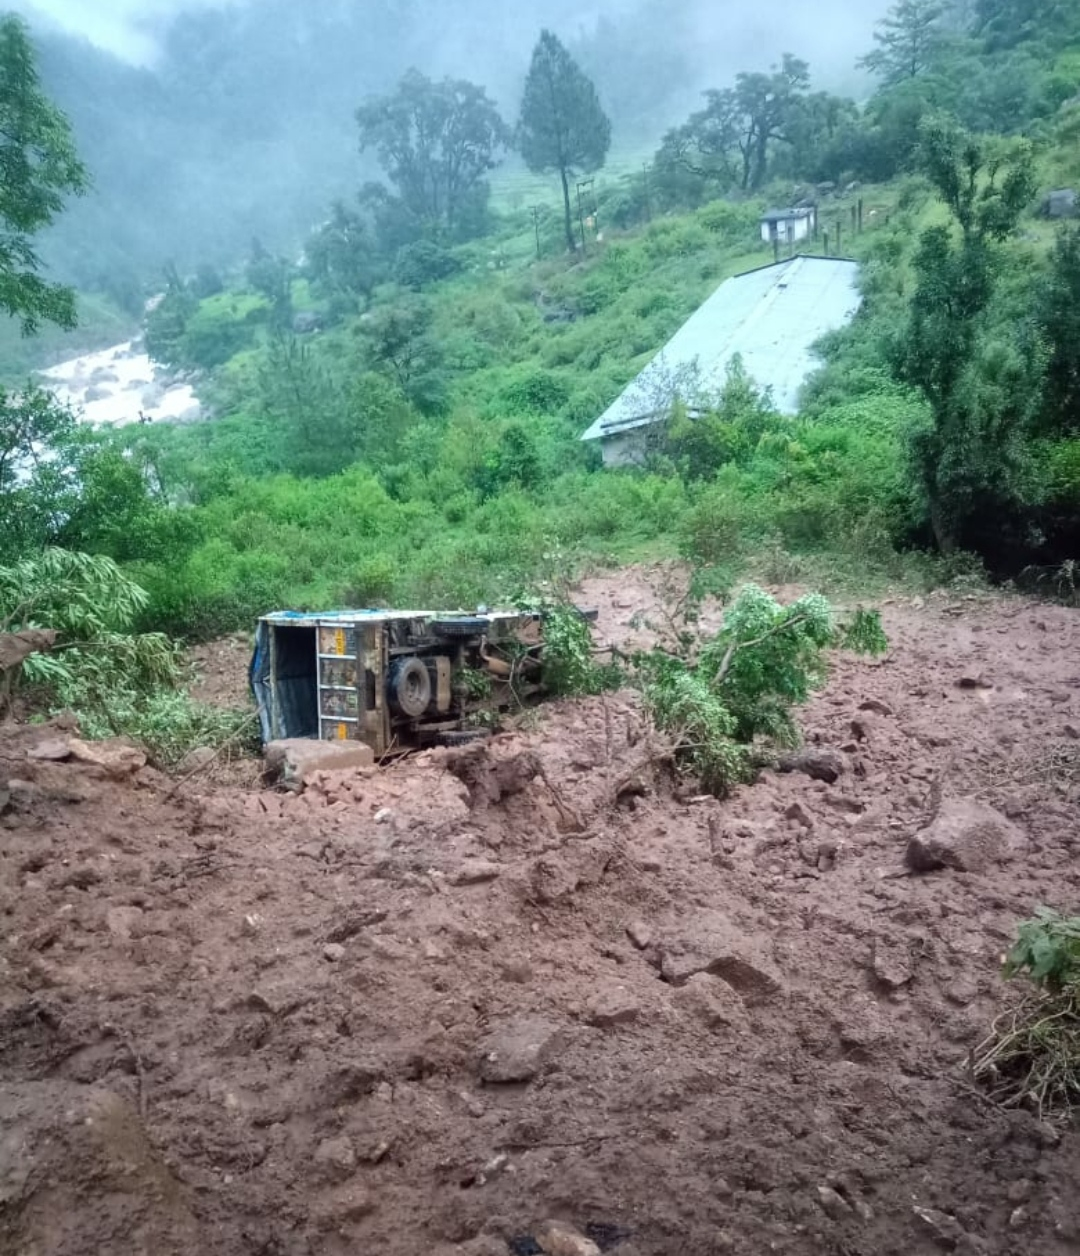 नैनीताल-हल्द्वानी मार्ग बंद, पिथौरागढ़ में वाहन बहे व फंसे हैं कई पर्यटक